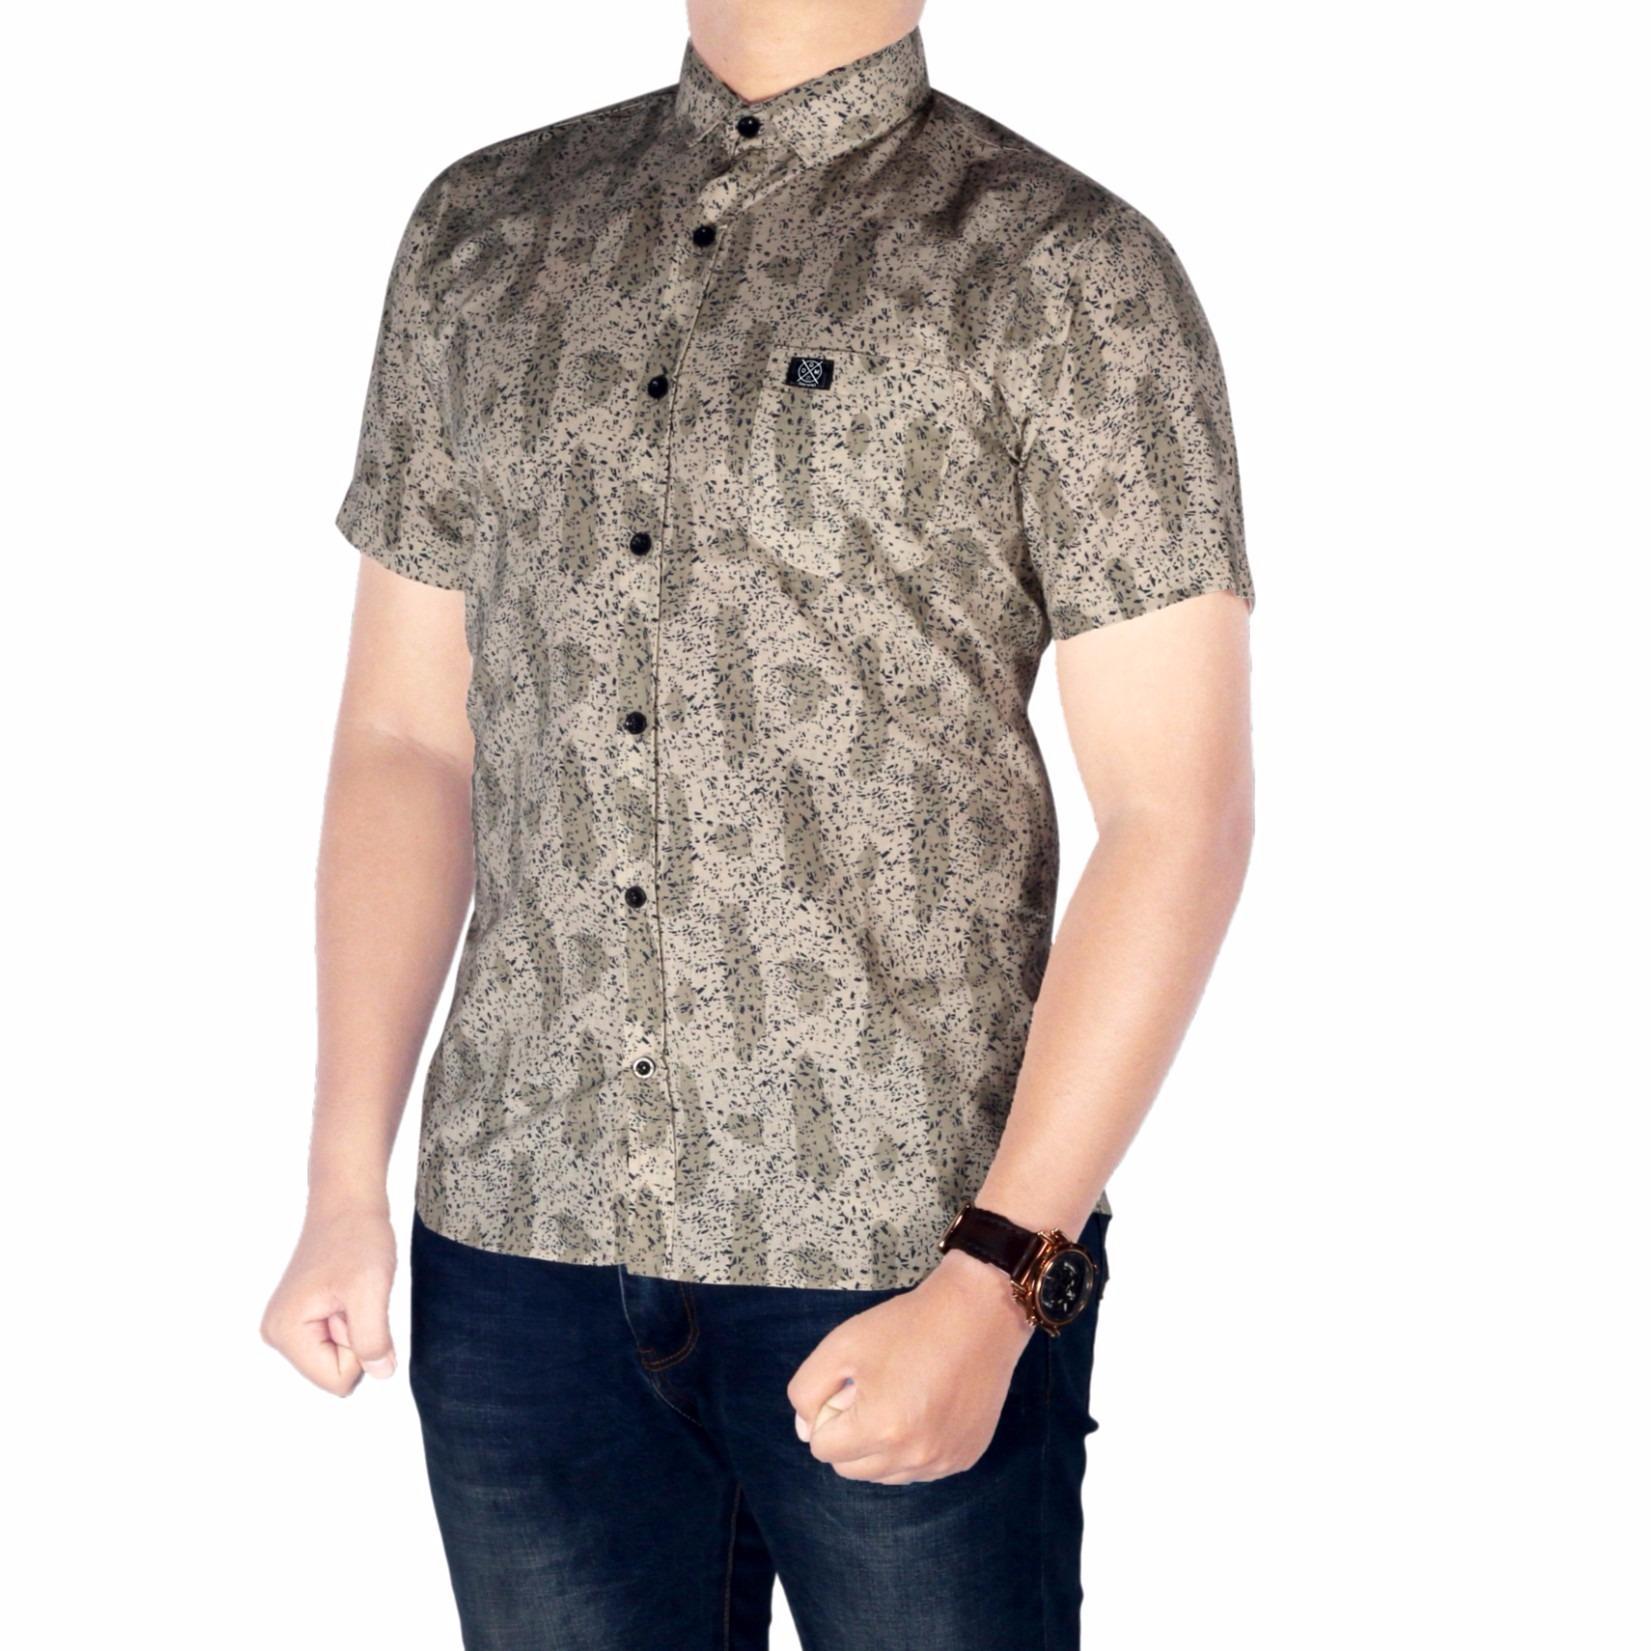 Gudang Fashion Kemeja Batik Pria Slim Biru Muda Daftar Harga Agrapana Nandana Cap Fit Lengan Panjang M Tua Source Baju Bsg Fashion1